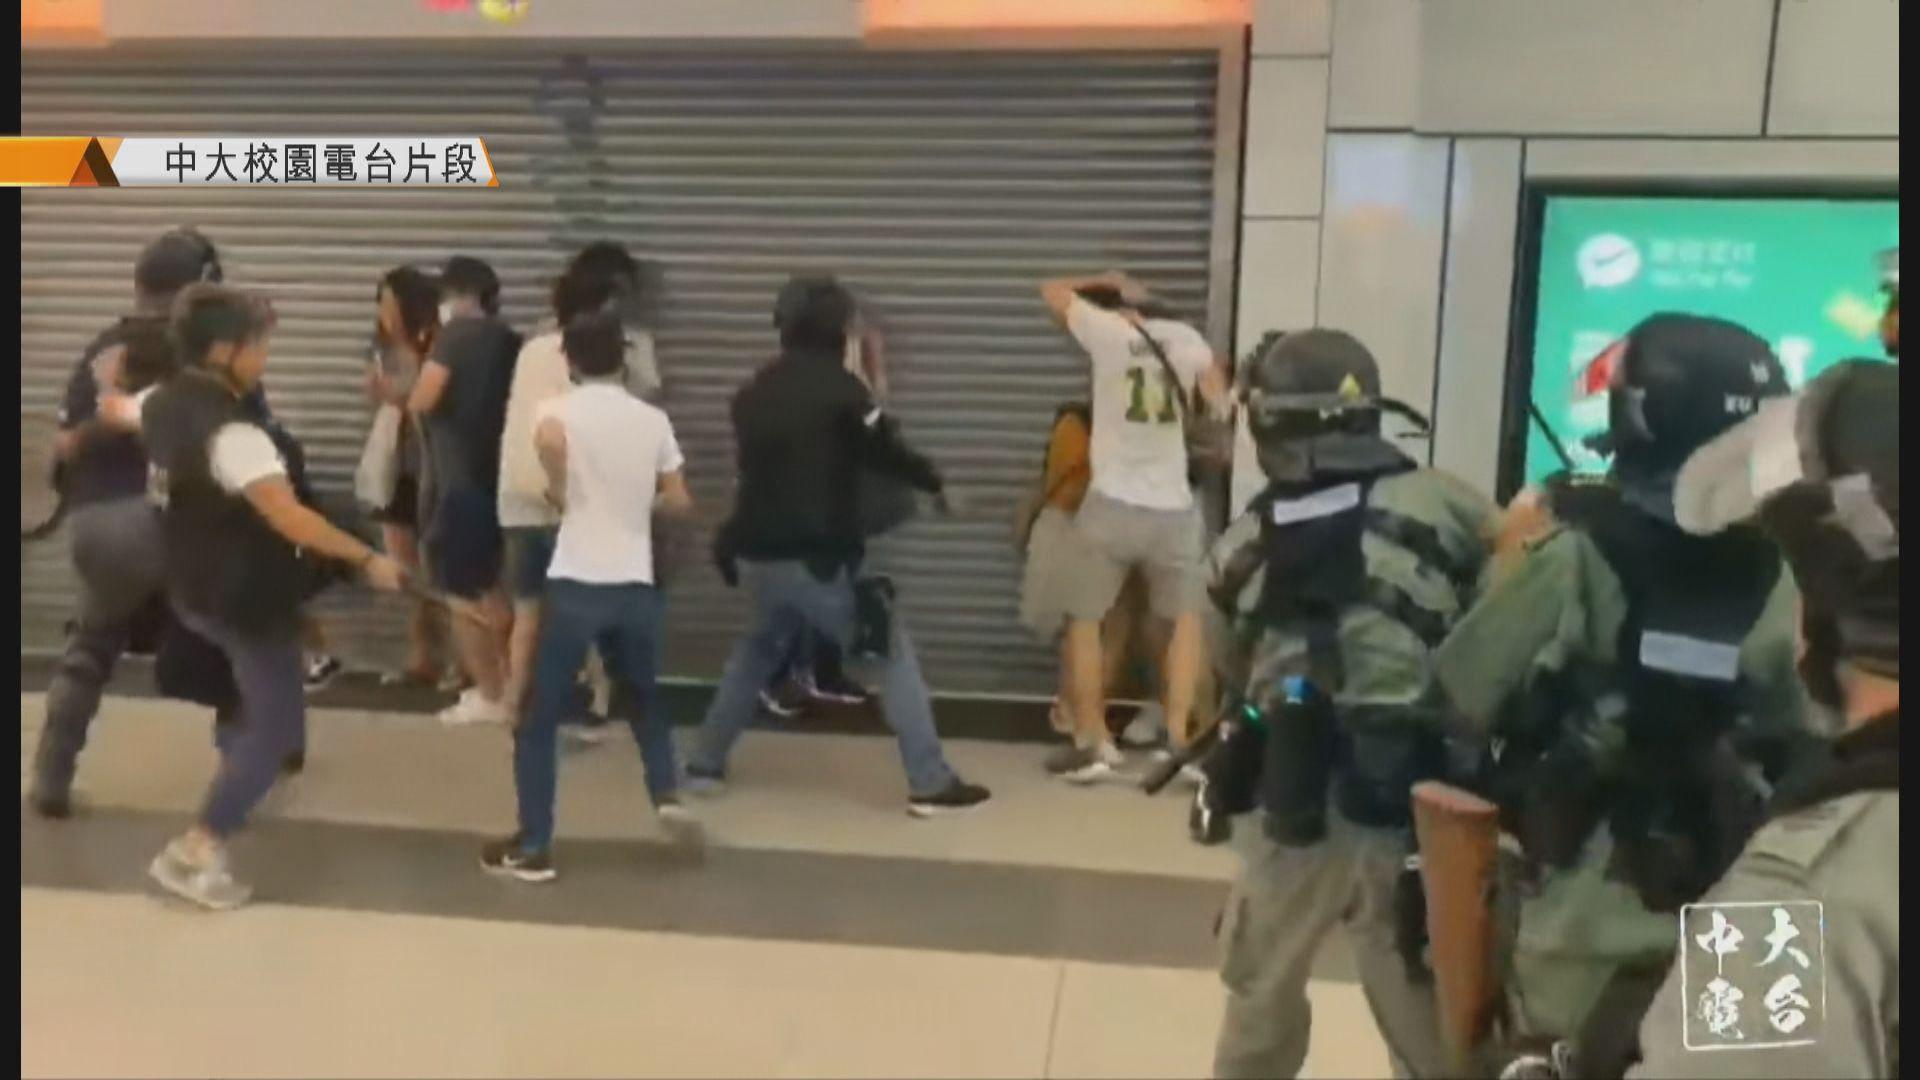 大埔迦密五學生被捕 控非法集結暫保釋